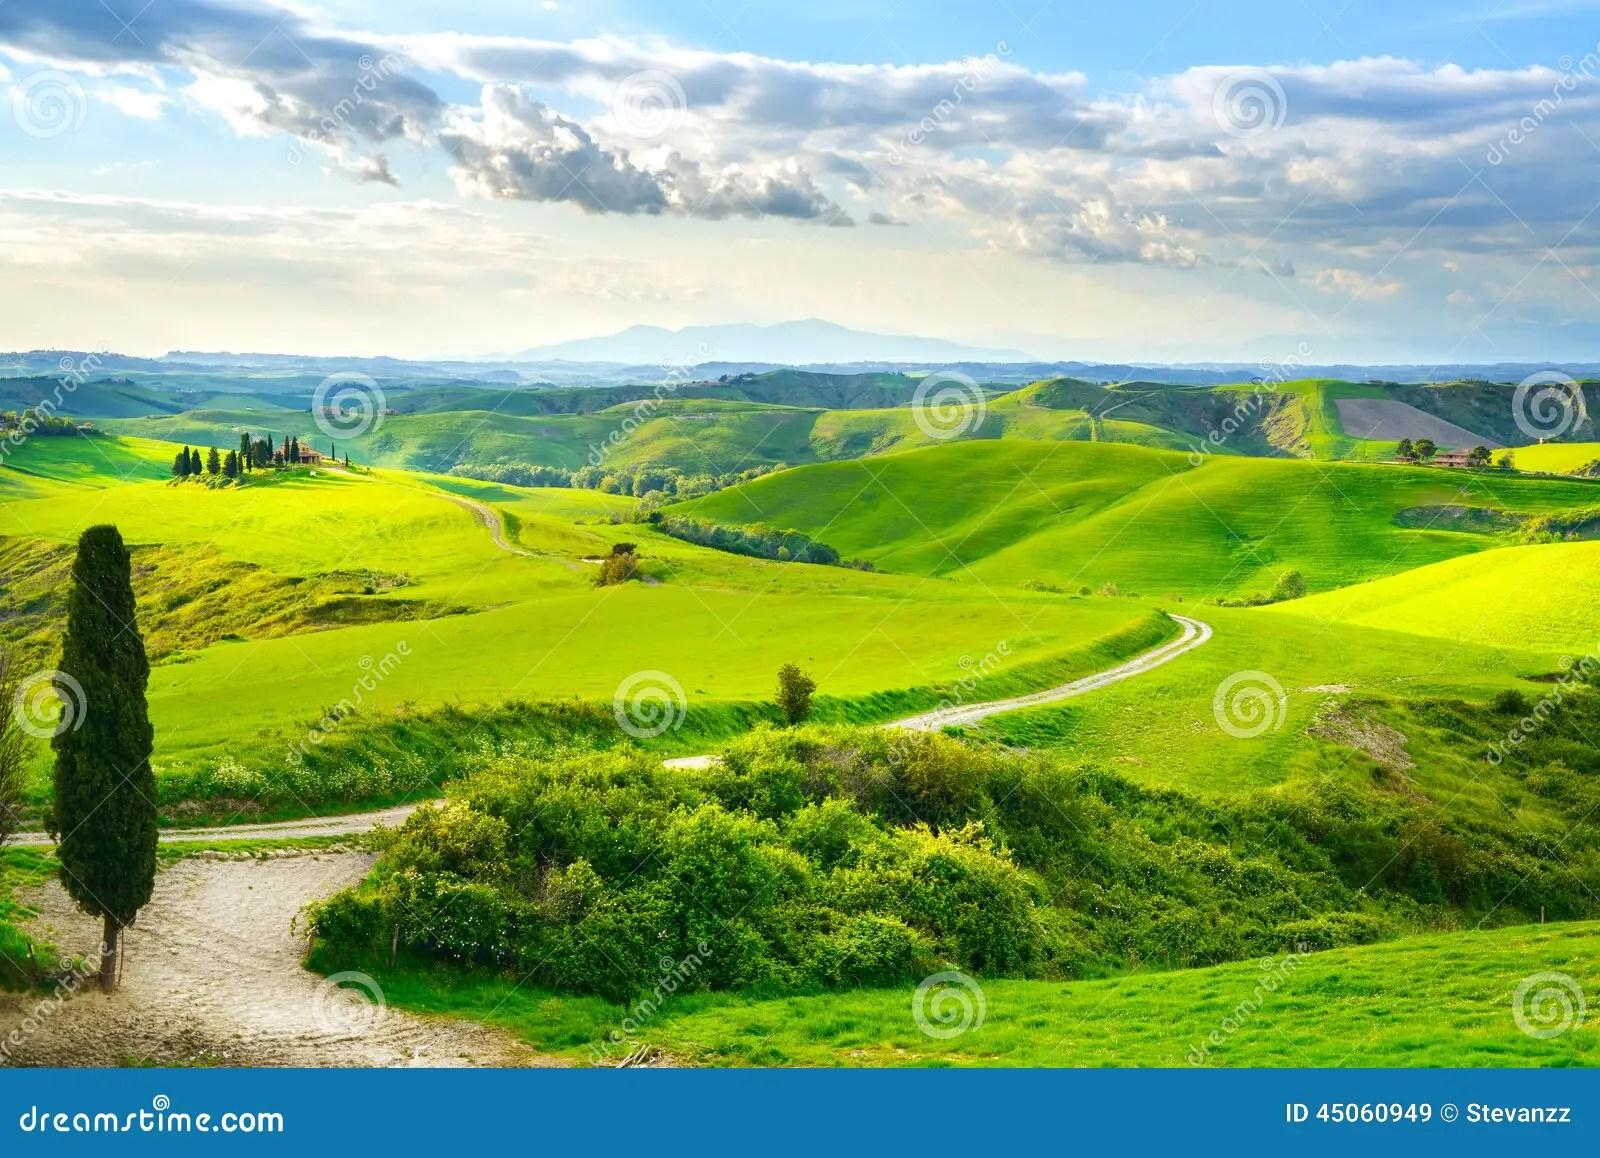 La Toscana Paesaggio Rurale Di Tramonto Immagine Stock  Immagine di paesaggio nube 45060949